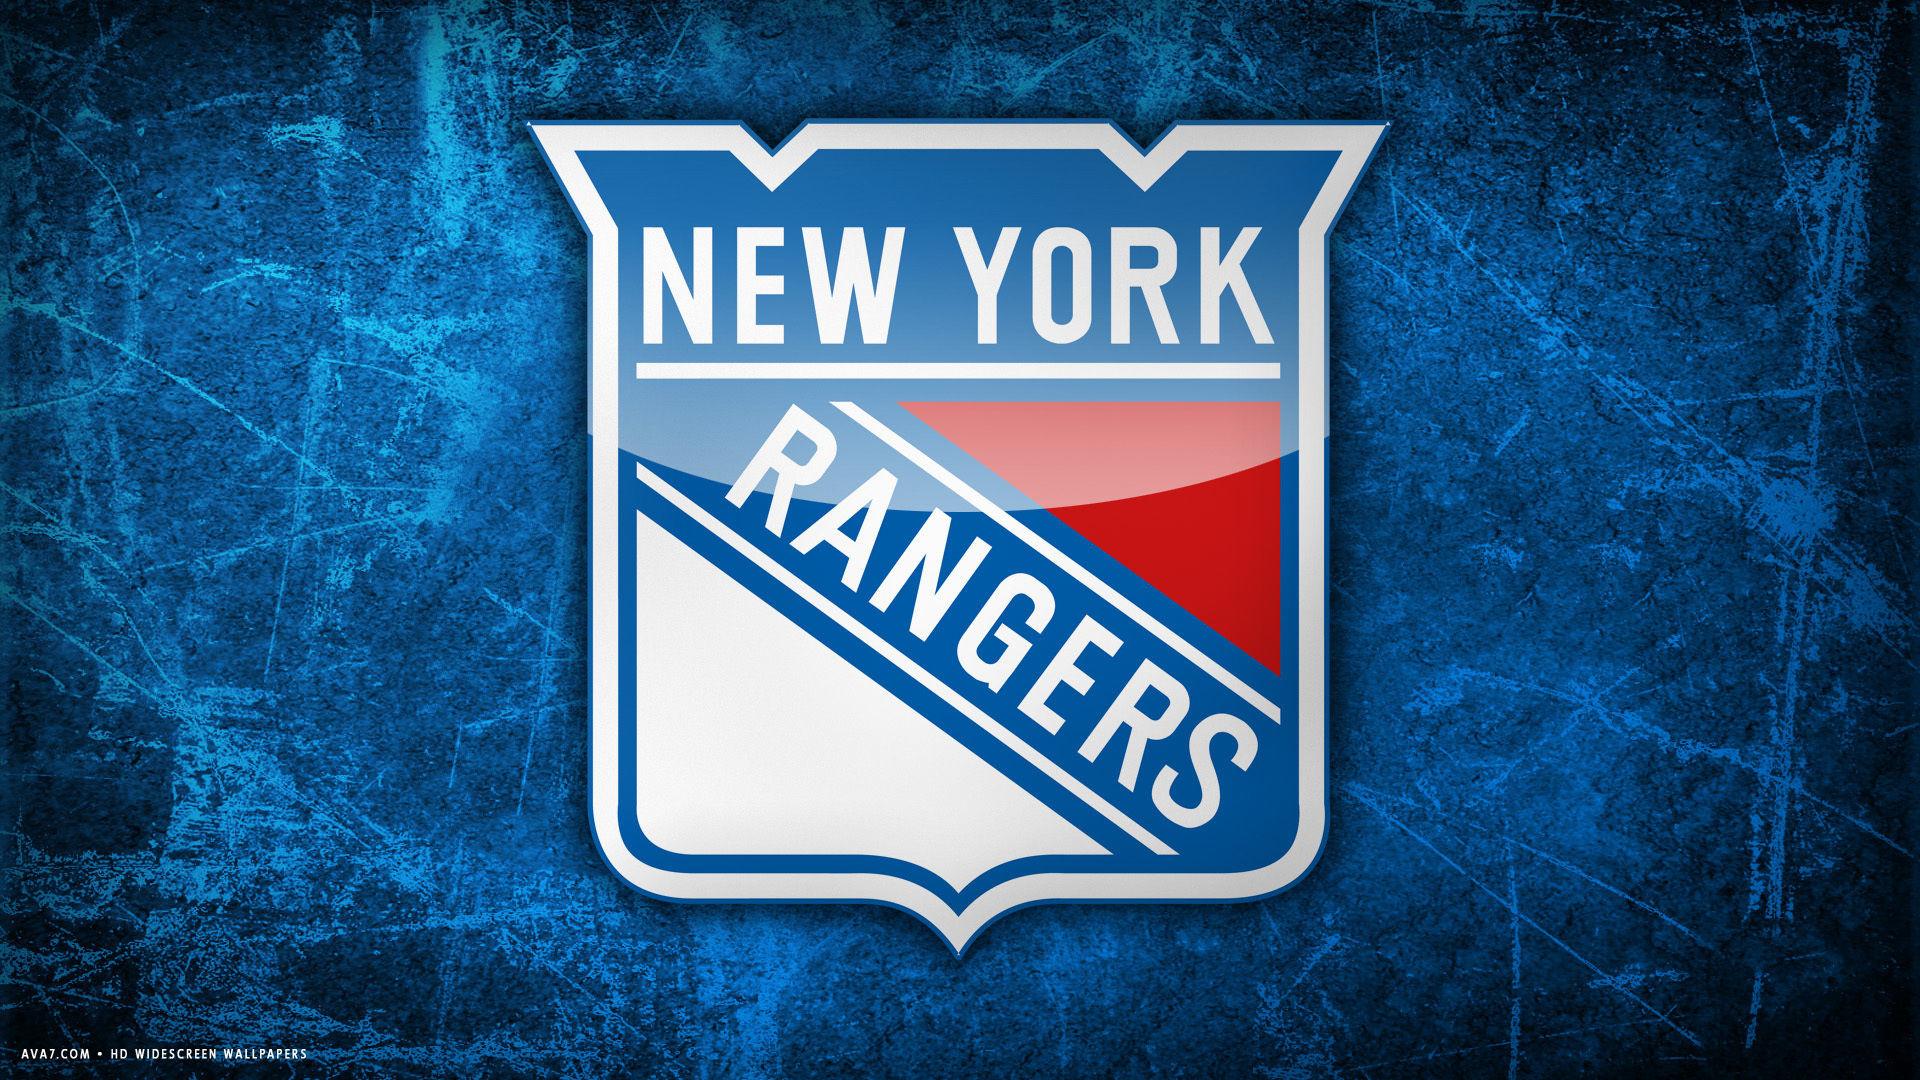 new york rangers nfl hockey team hd widescreen wallpaper